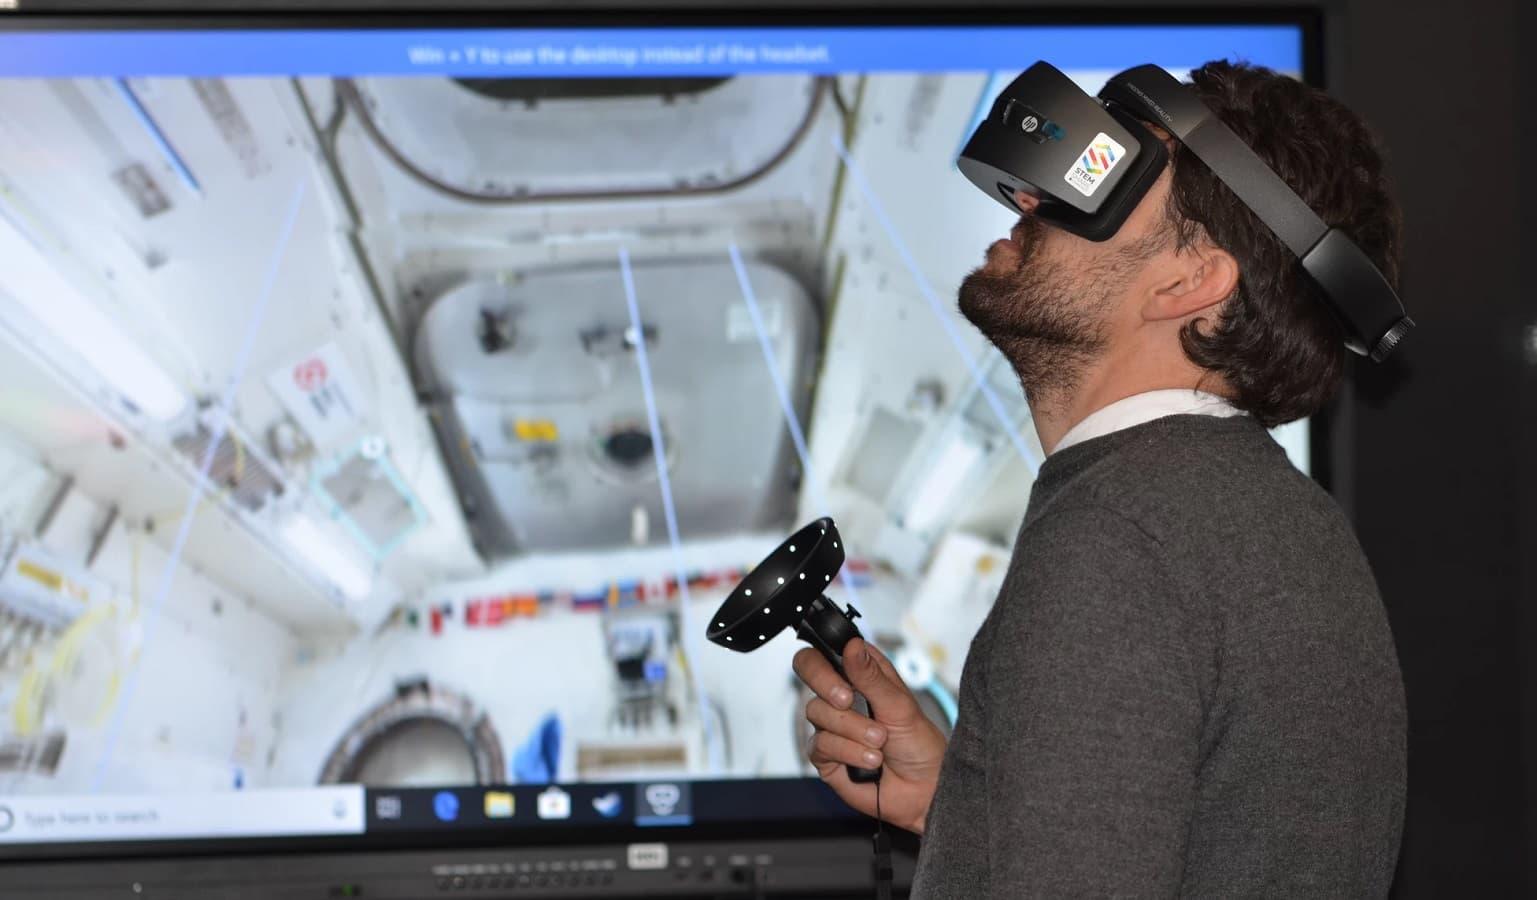 bir uzay gemisi keşfetmek için vr kulaklık kullanarak adam